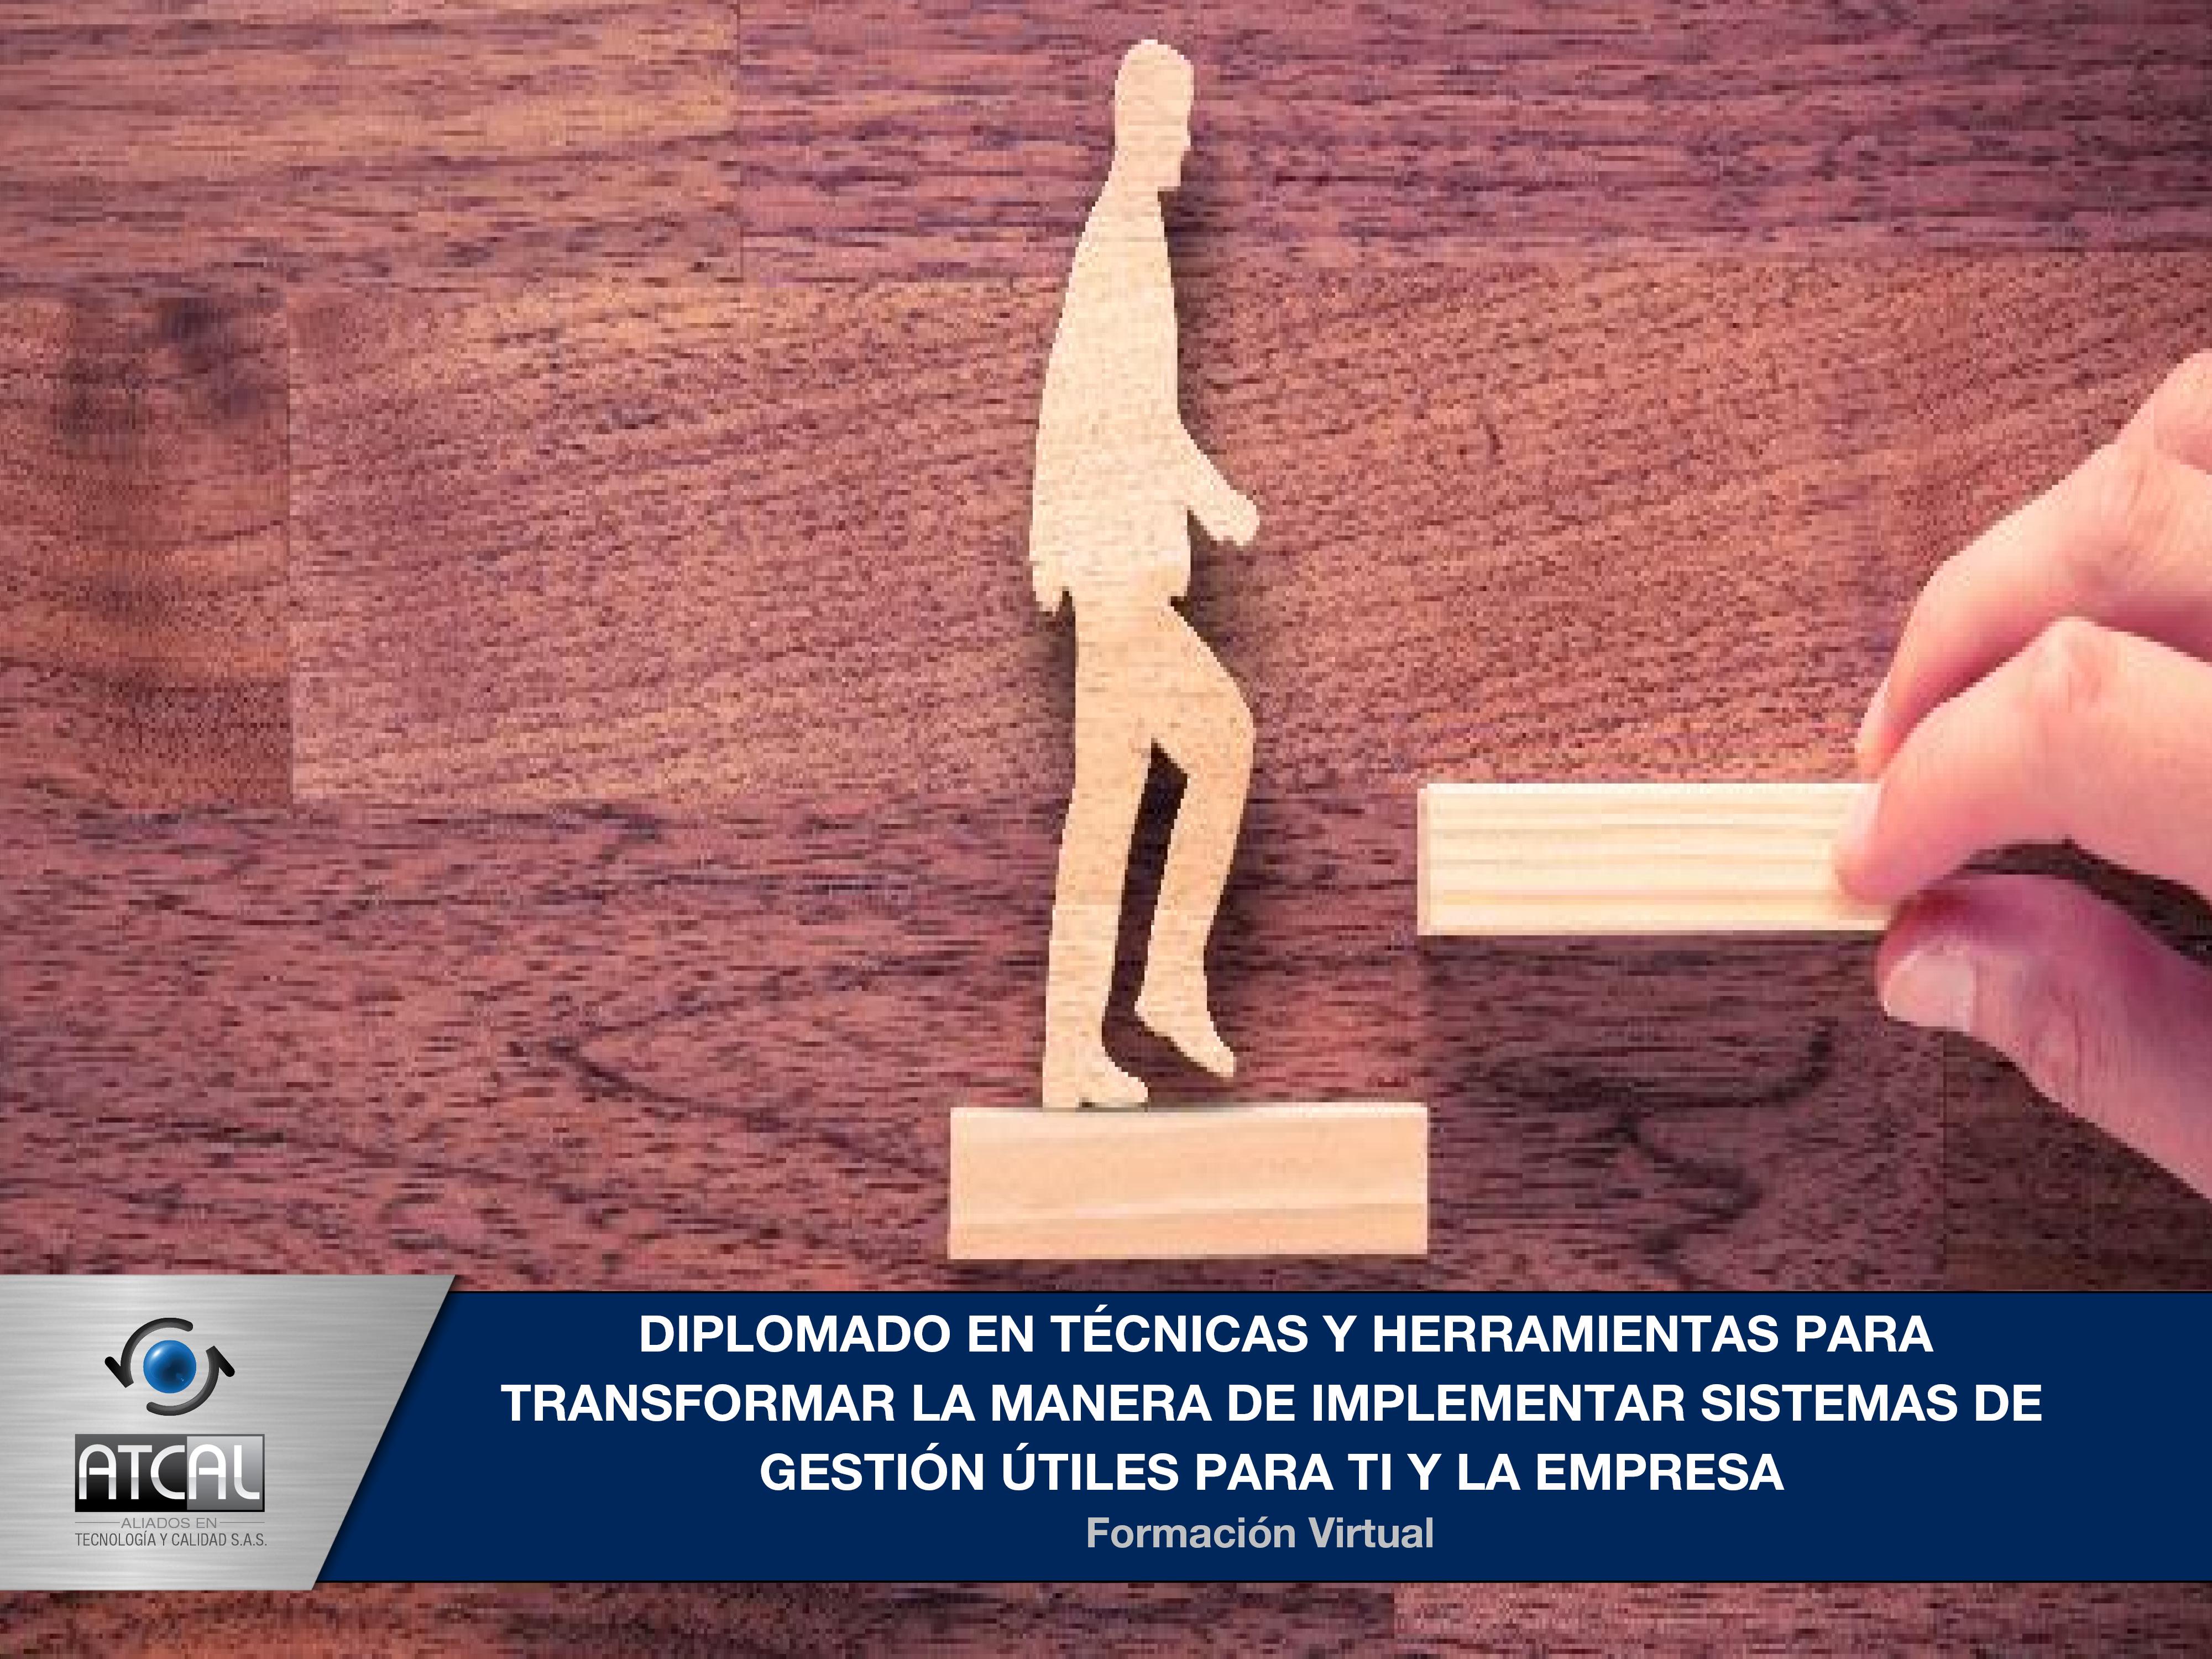 Diplomado en Técnicas y Herramientas para Transformar la Manera de Implementar Sistemas de Gestión Útiles para ti y para la Empresa Parte 4